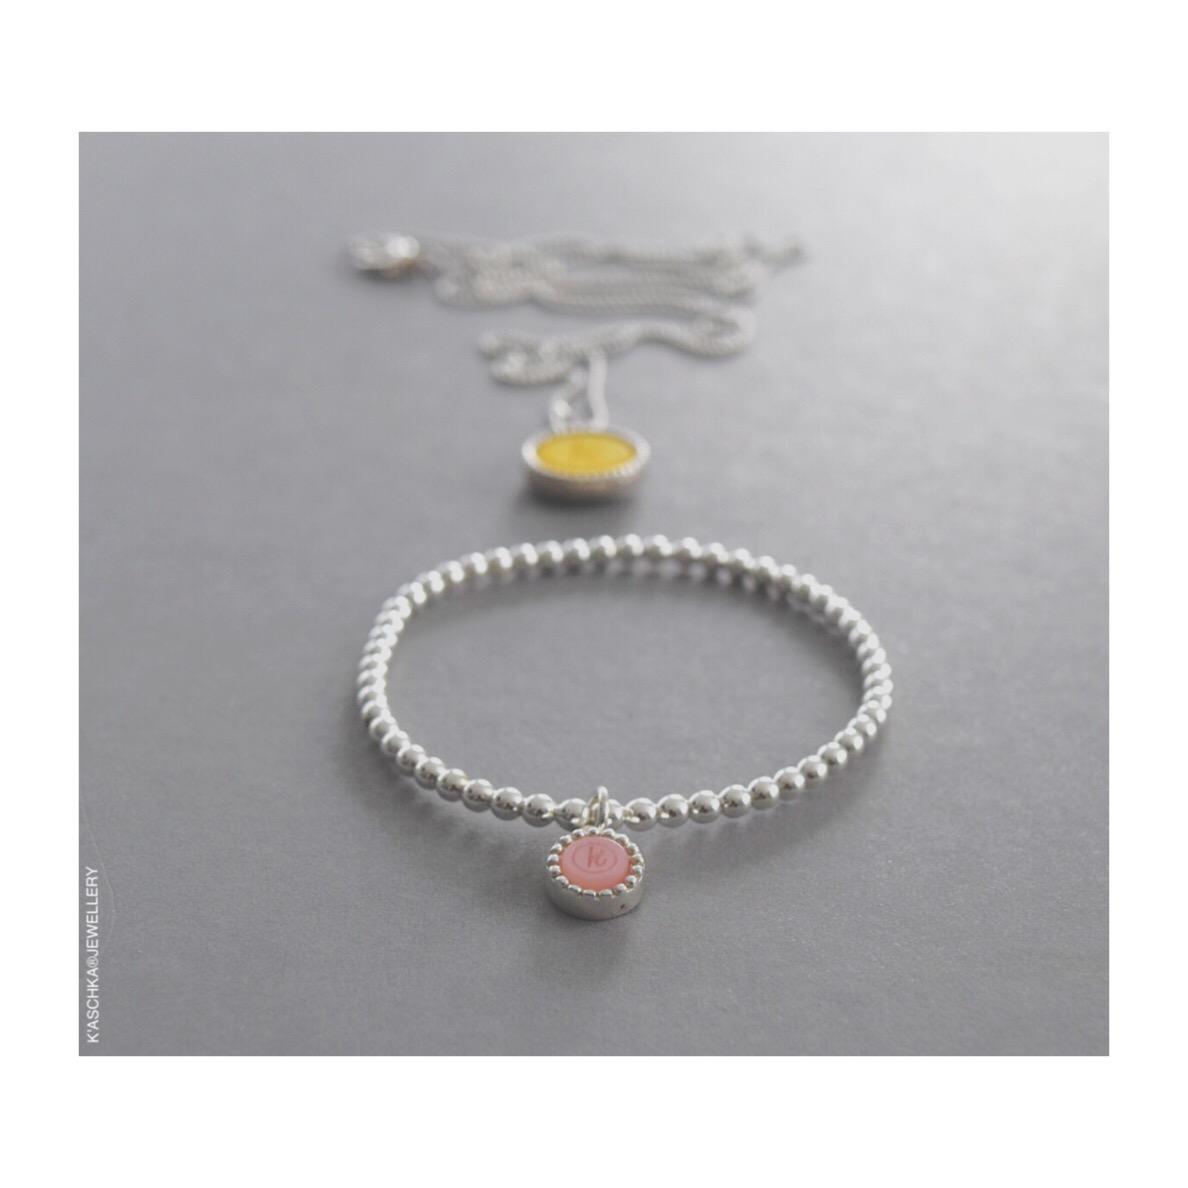 Flexibele 925 sterling zilveren armband met kasminis hanger Wisselbare 925 sterling zilveren ketting midi